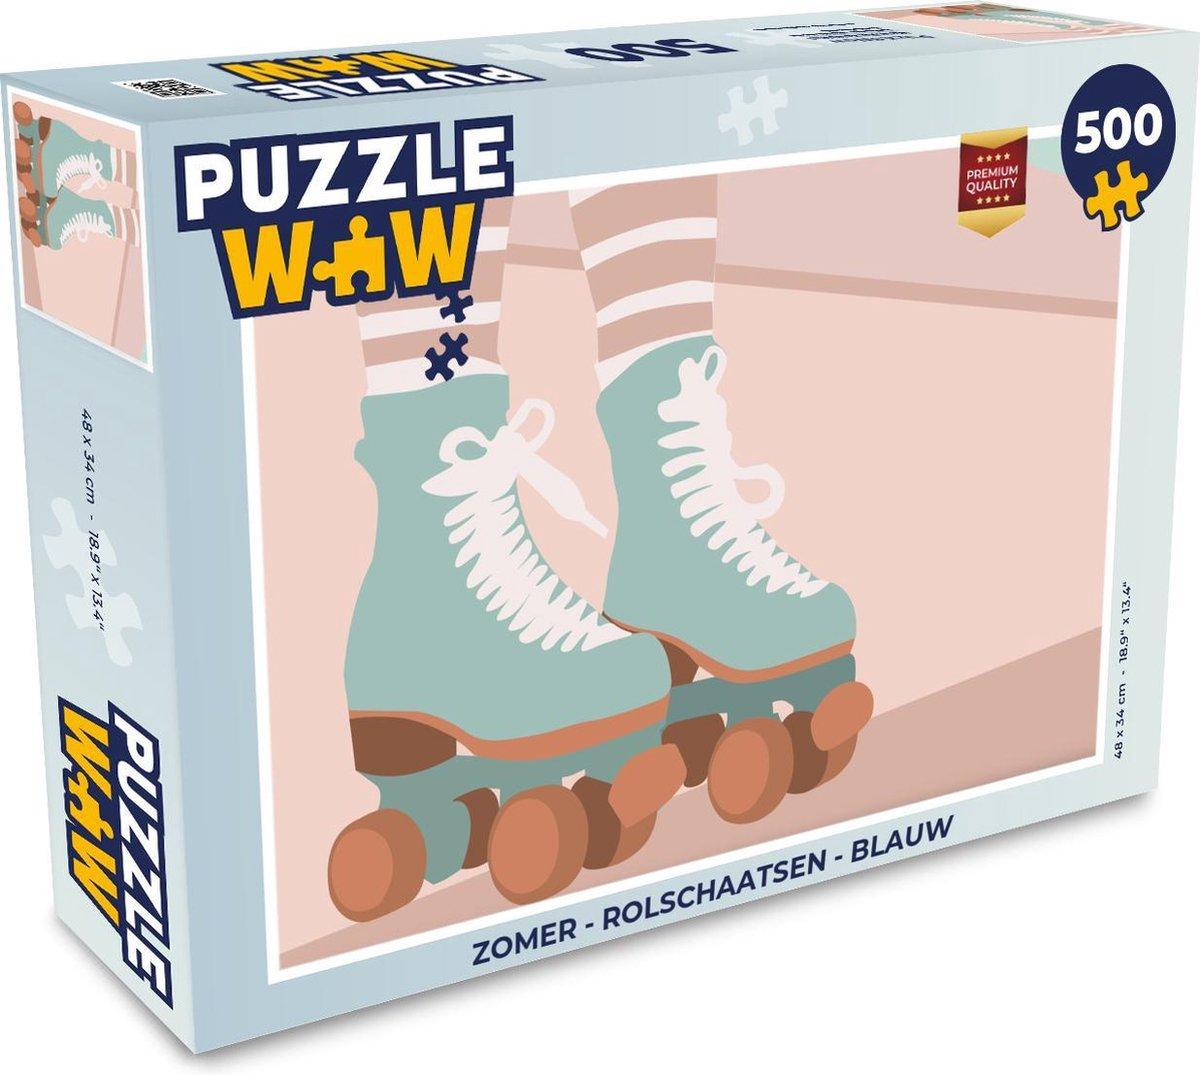 Puzzel Zomer - Rolschaatsen - Blauw - Legpuzzel - Puzzel 500 stukjes